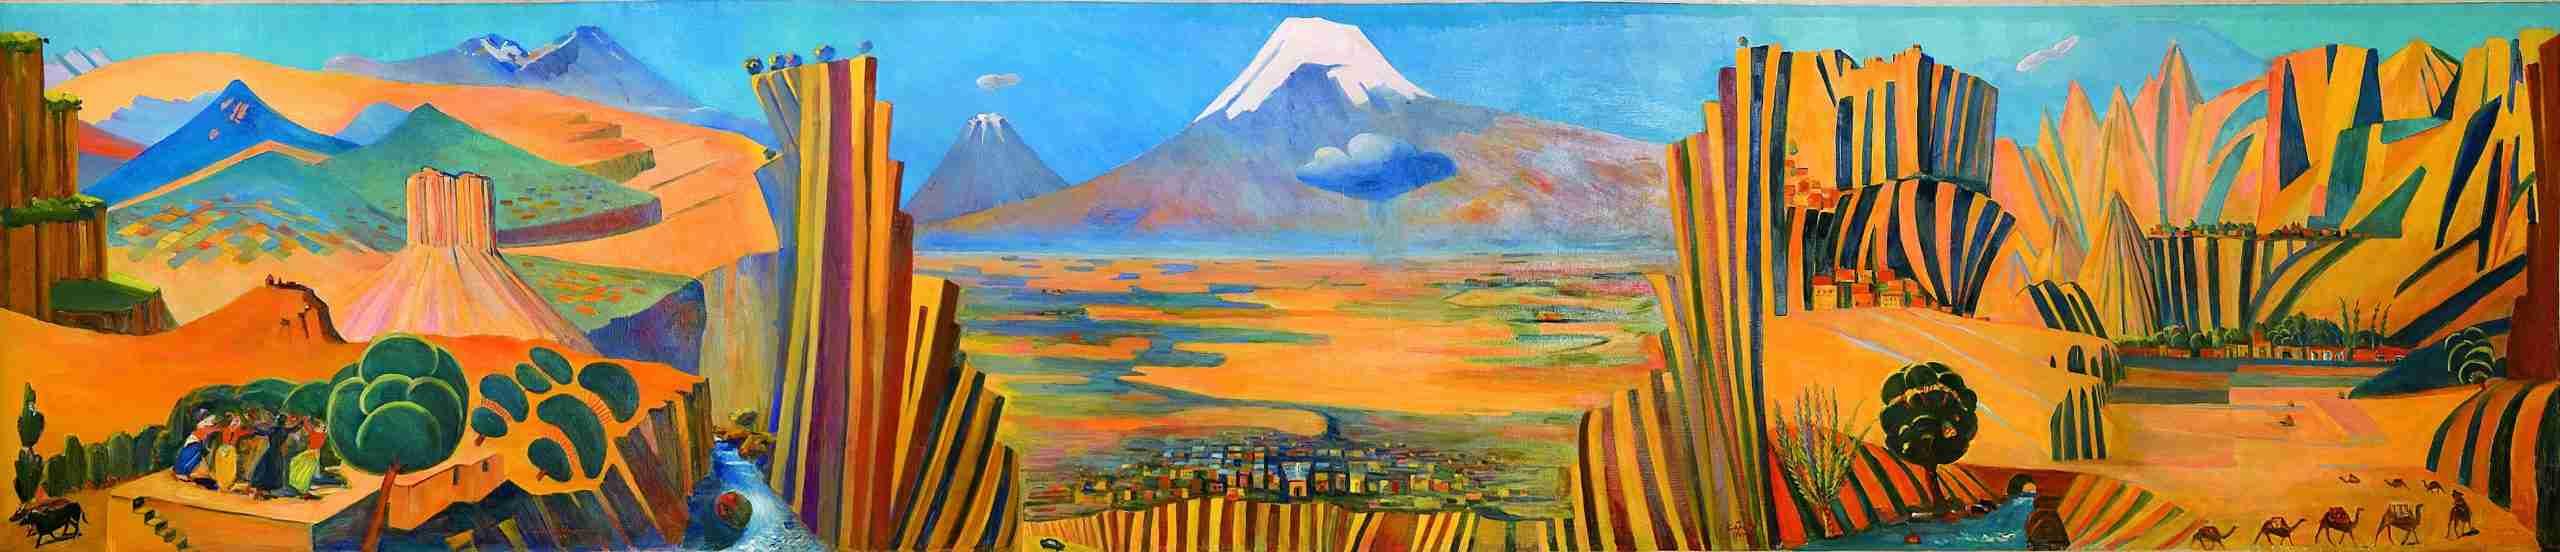 Saryan painting